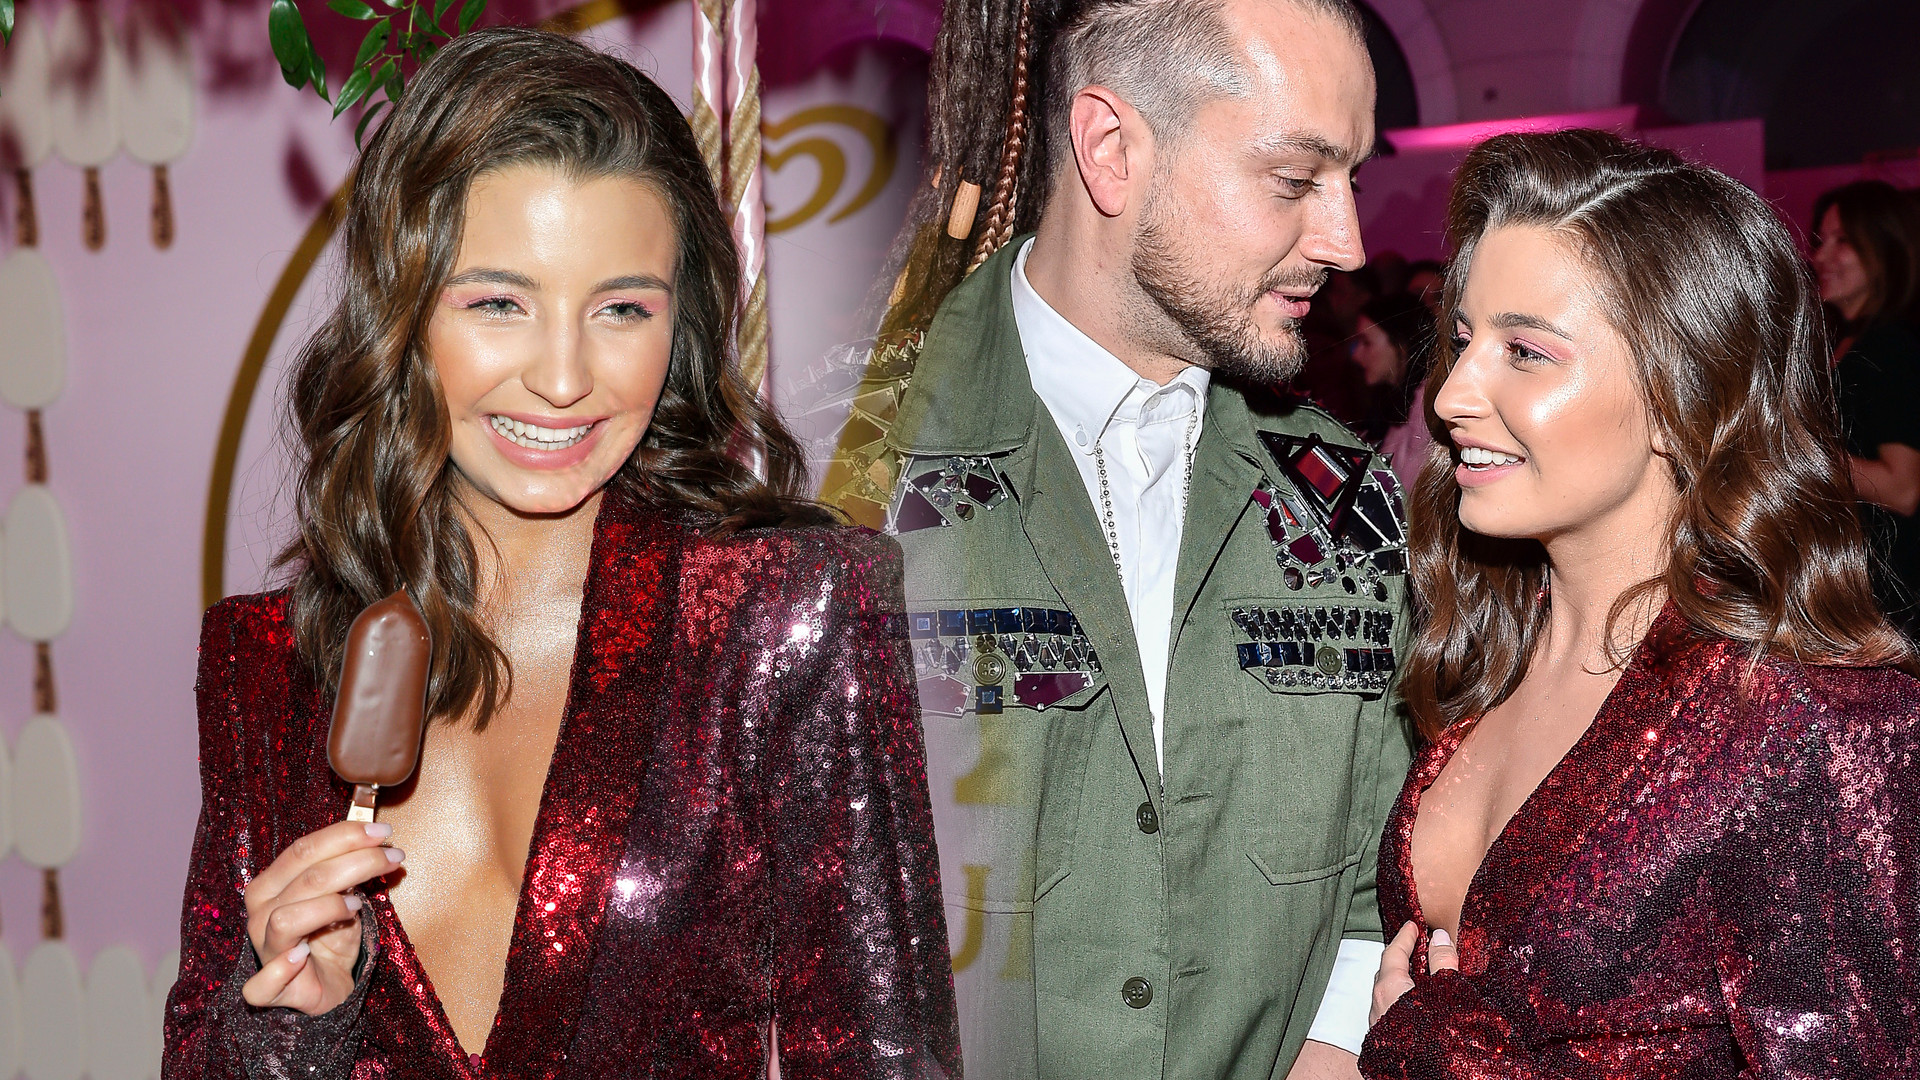 Julia Wieniawa PIERWSZY raz z Baronem na salonach – wyglądają na bardzo zakochanych (ZDJĘCIA)